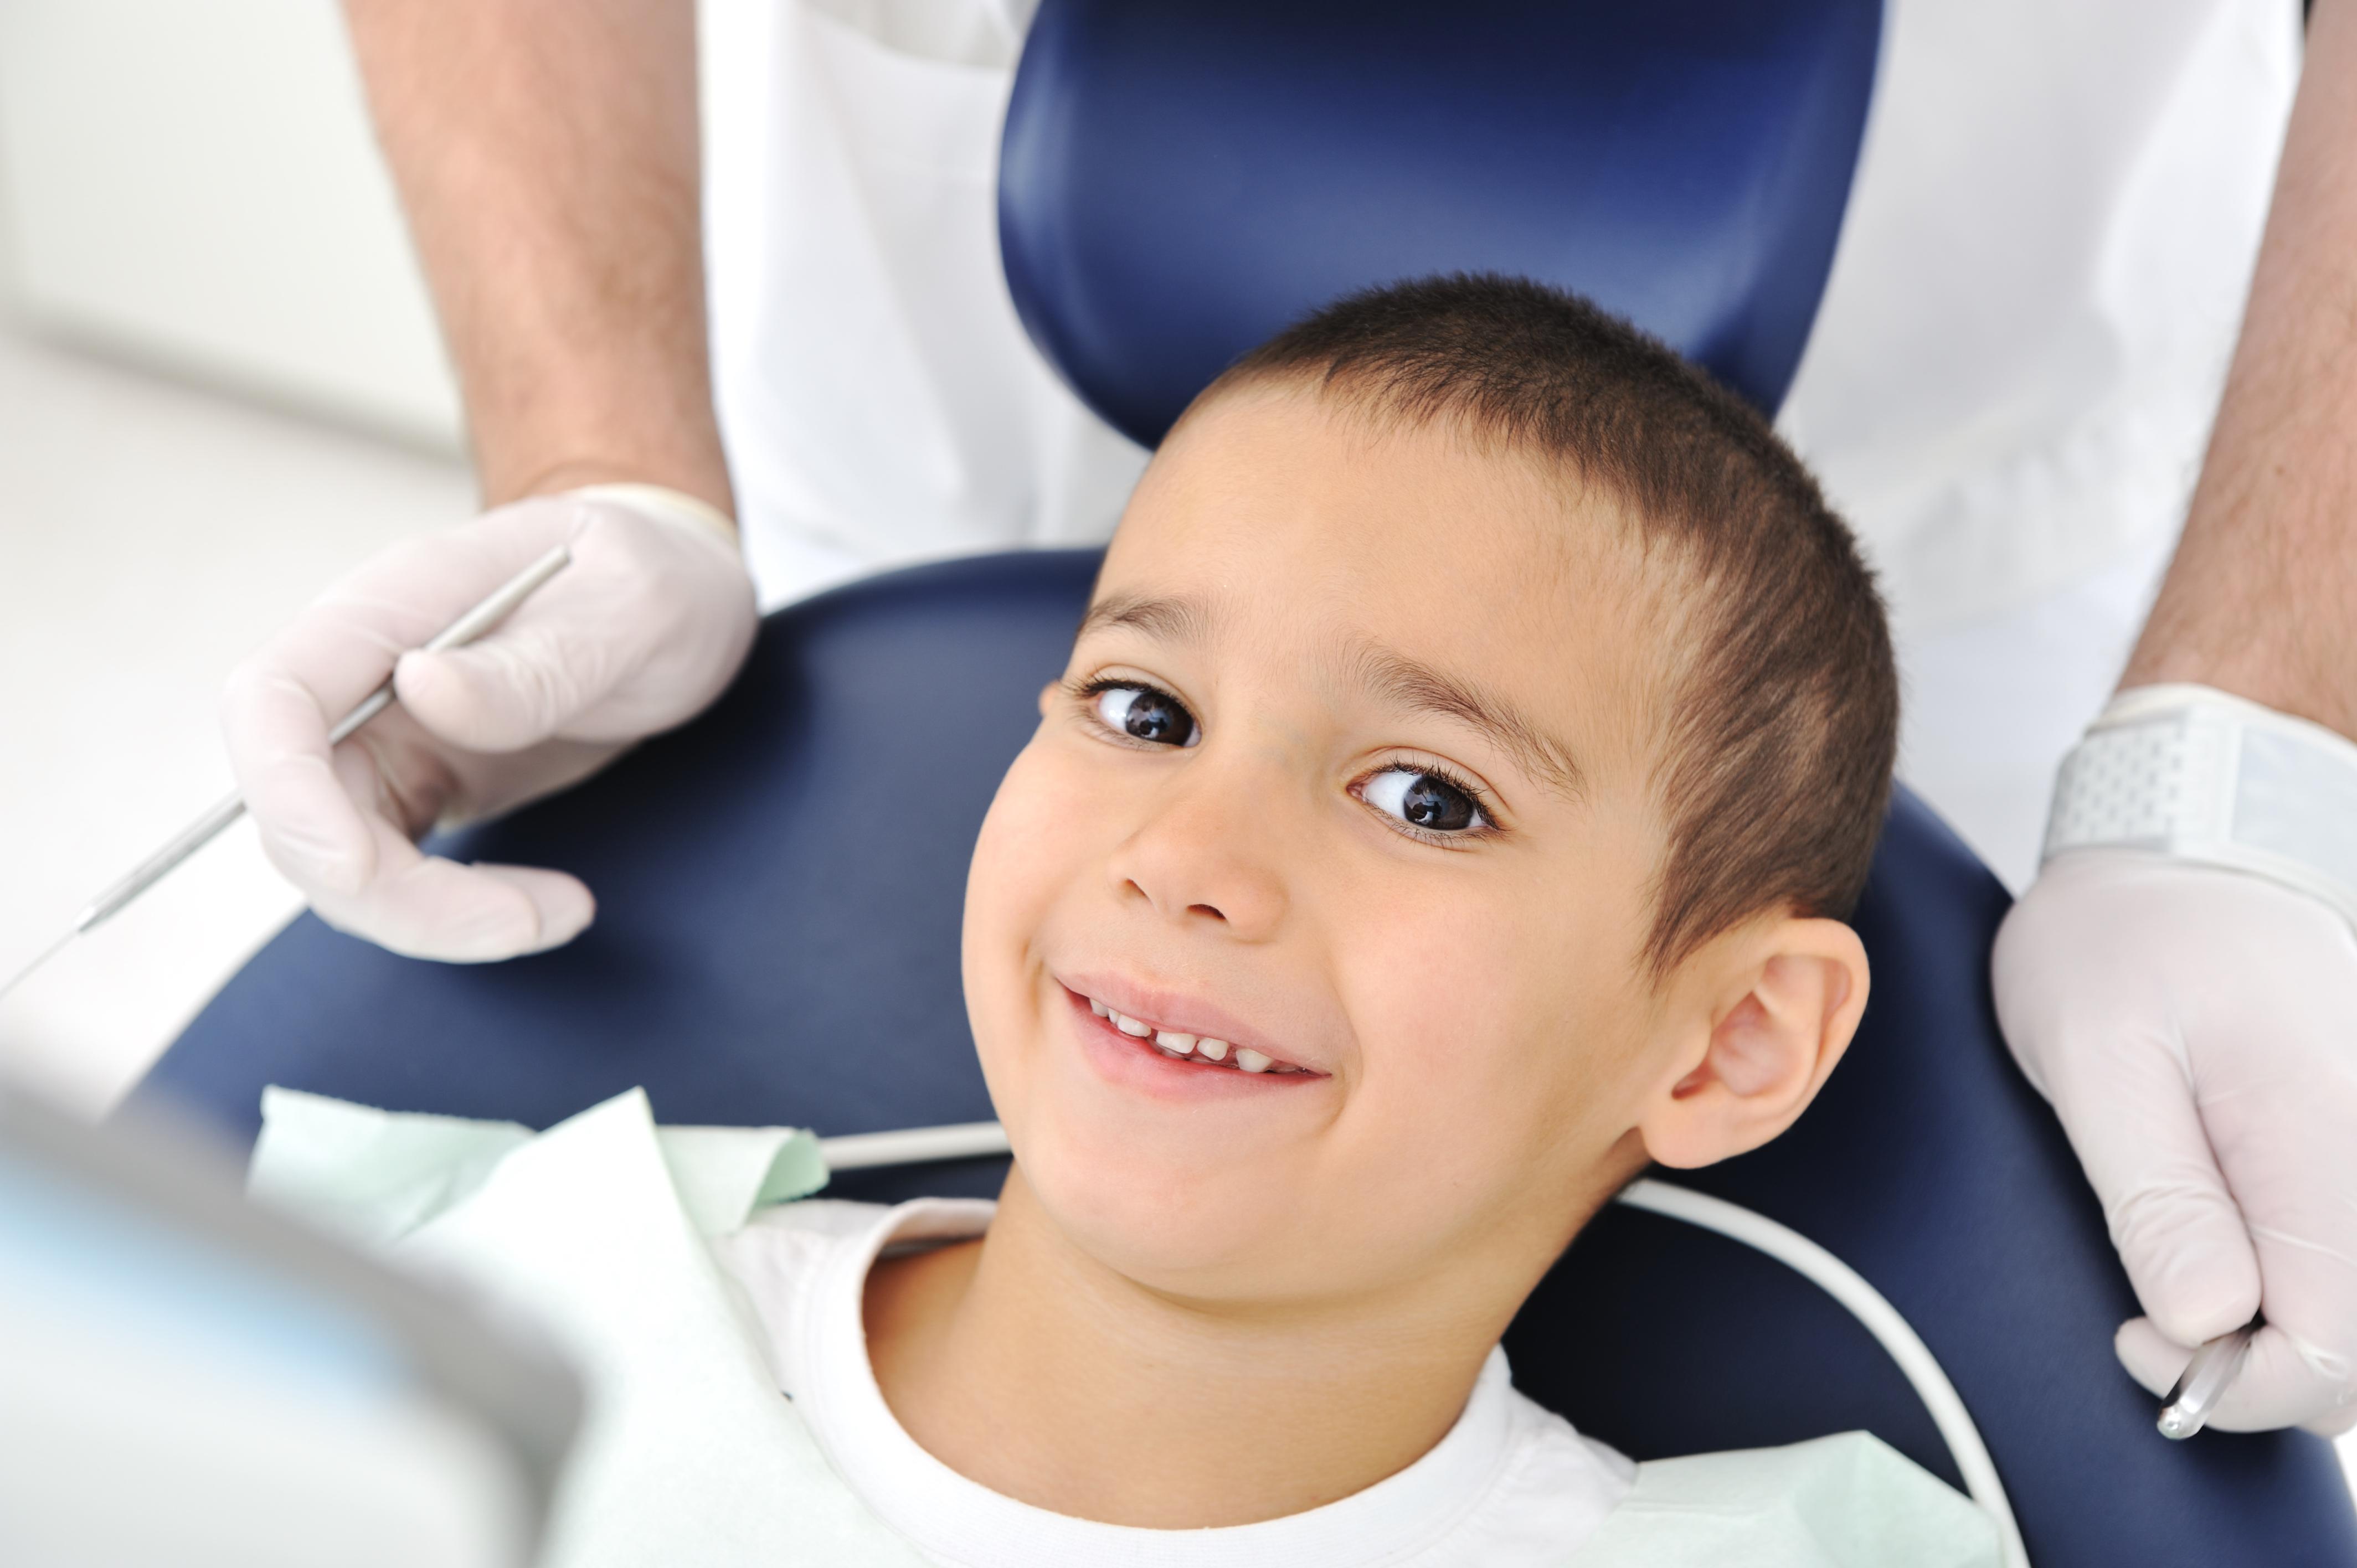 Çocuğunuzun diş bakımını sömestrda yaptırın 80